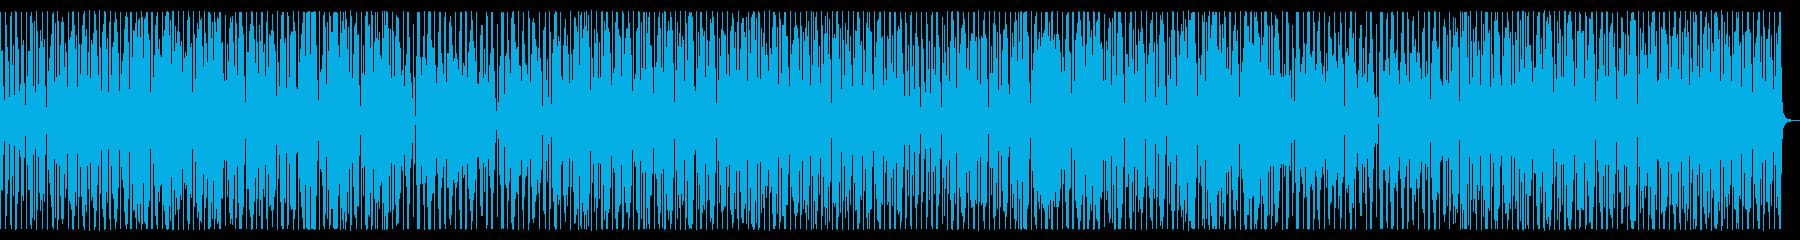 ファンキーでオールドスクールで怪しい曲の再生済みの波形